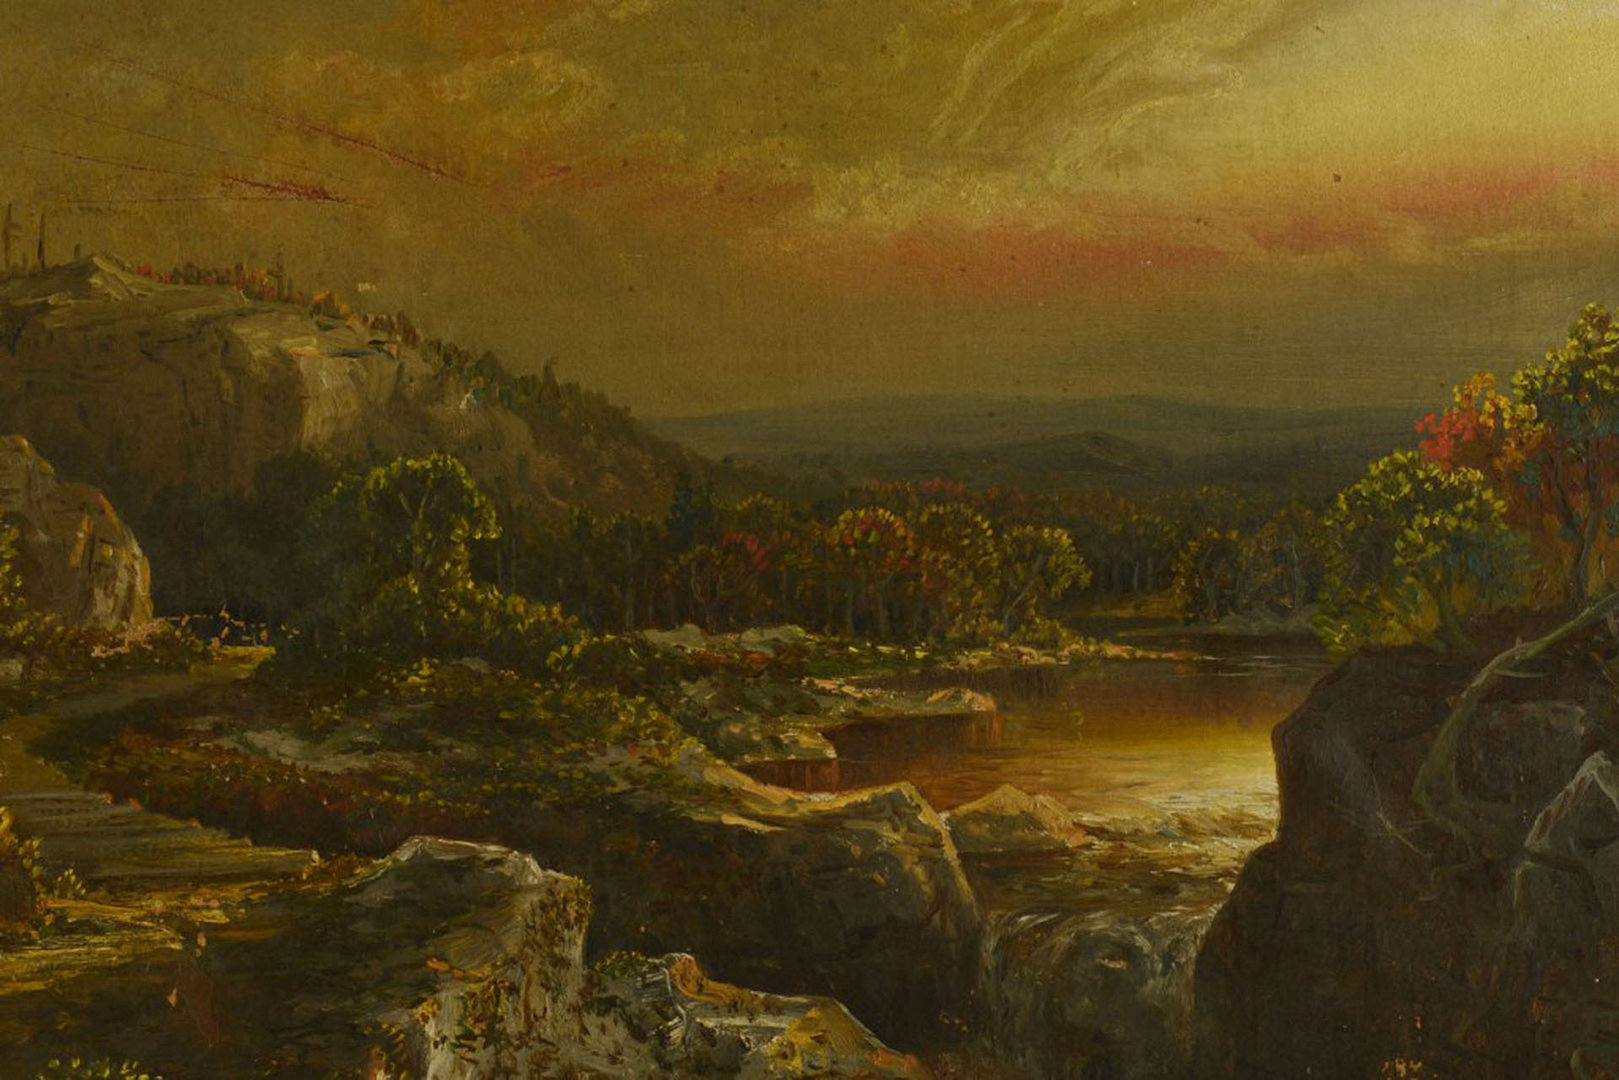 Lot 519: Hudson School Landscape, signed A Oliveira 1884